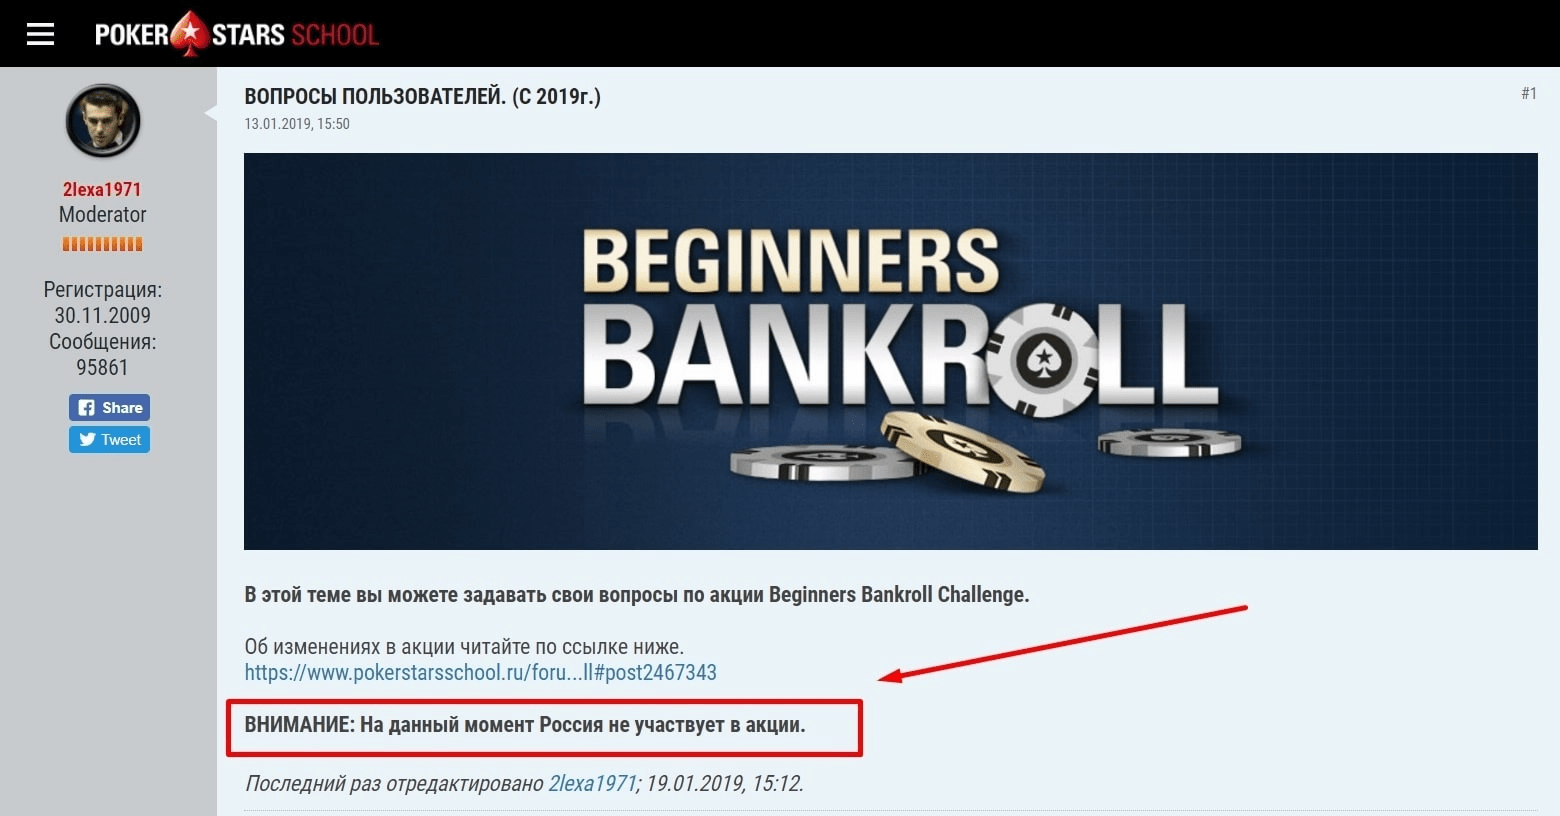 Скриншот официального форума - с 2019 года игроки из России не участвуют в акции